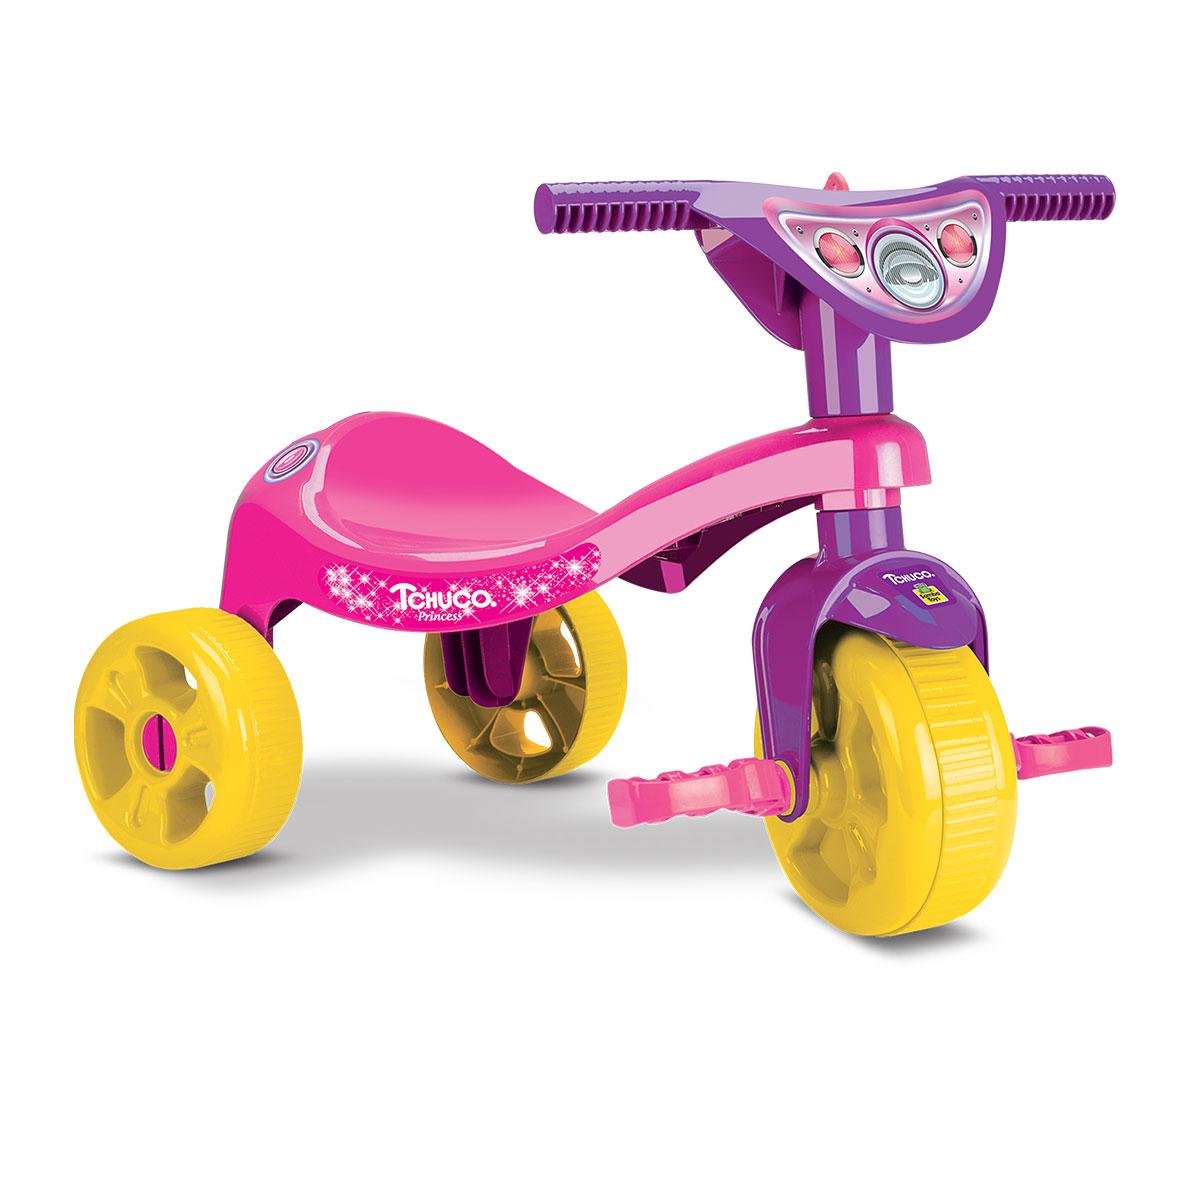 Brinquedo Motoquinha Triciclo Infantil Tchuco Princesa Judy